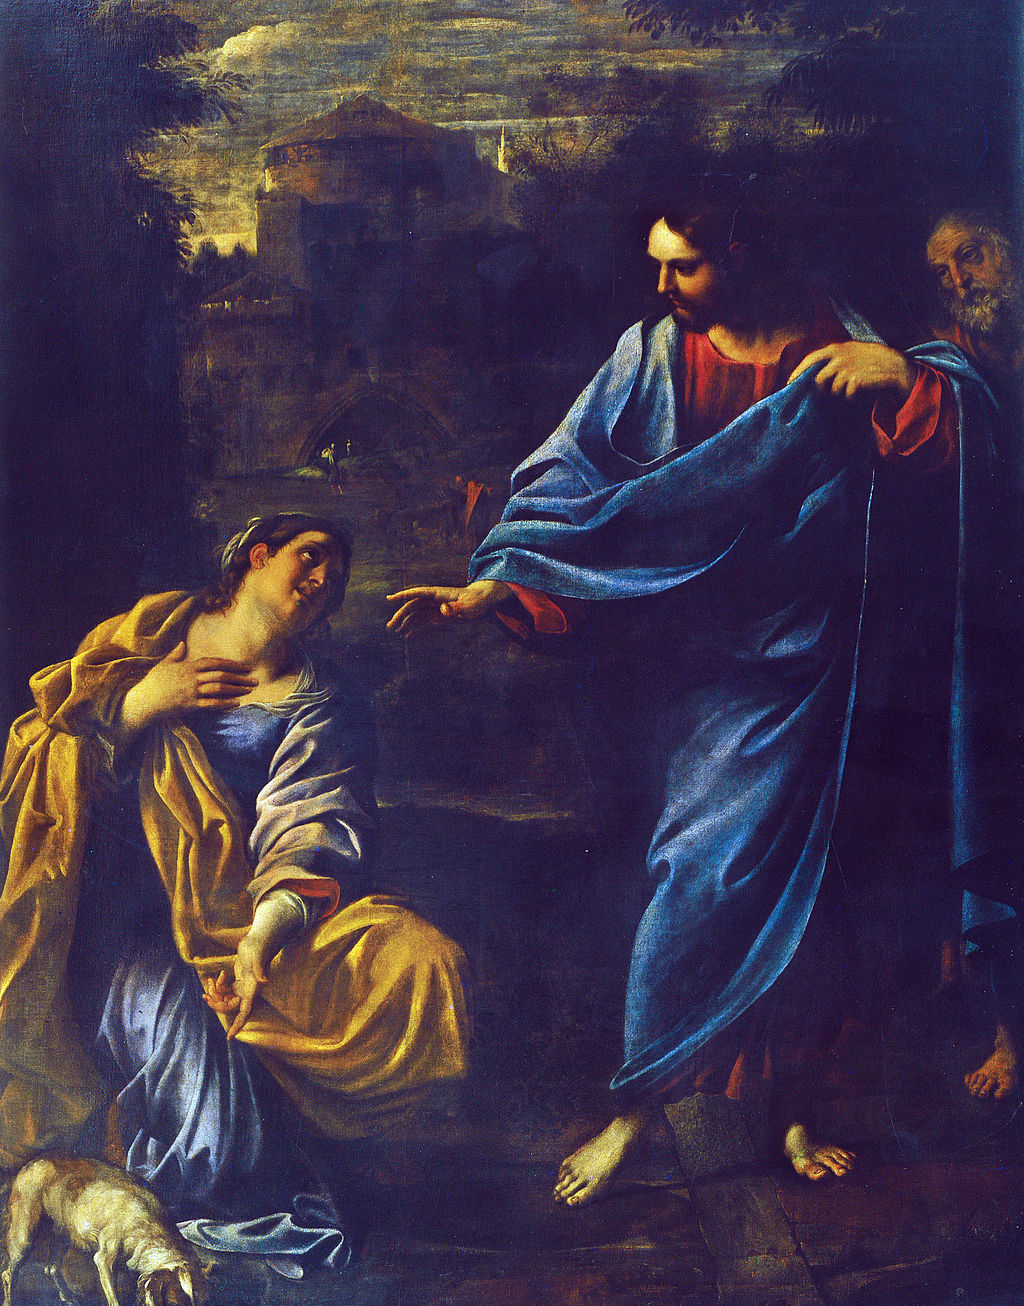 Annibale Carracci, Cristo e la Cananea, 1595, Parma